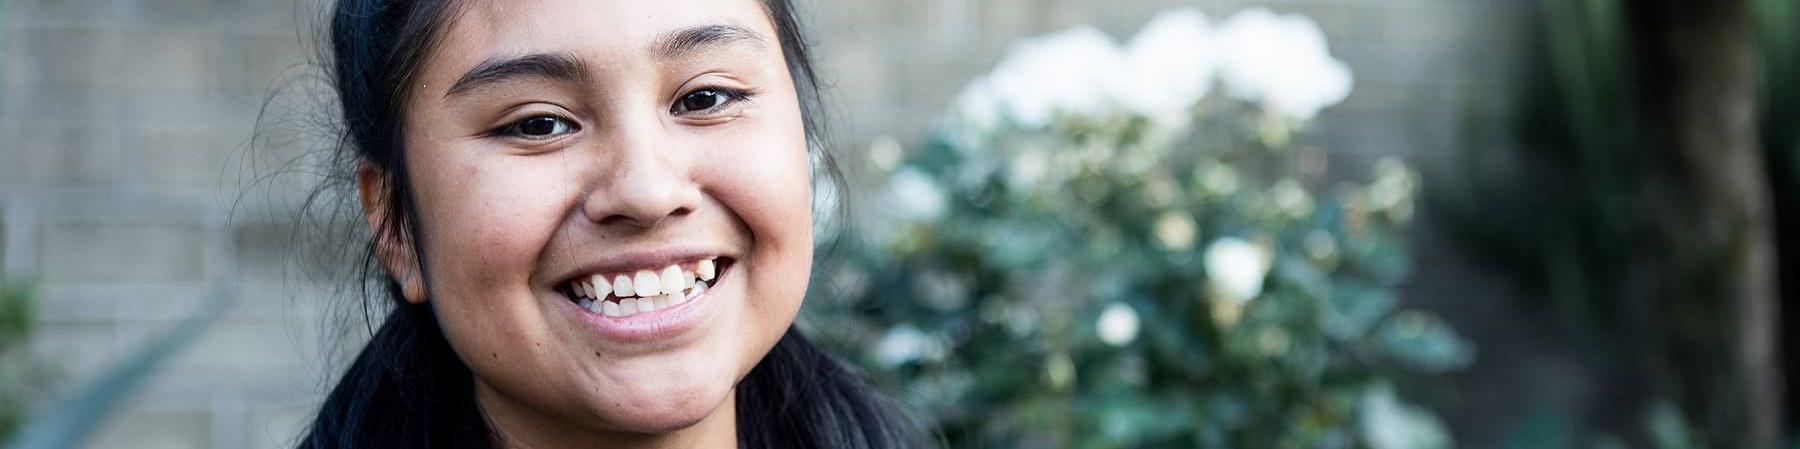 Mezzo busto di ragazza messicana sorridente con codine che indossa maglietta a righe bianche e nere